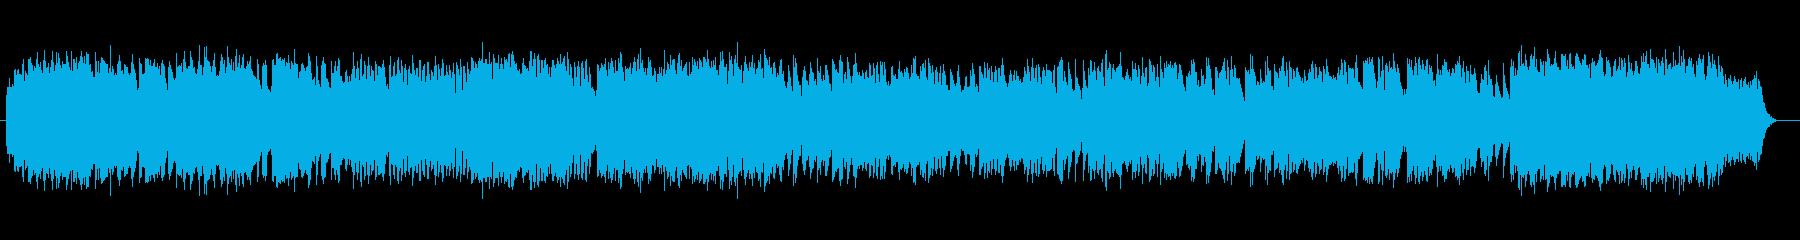 おごそかで少しホラー感のあるオルガン曲の再生済みの波形